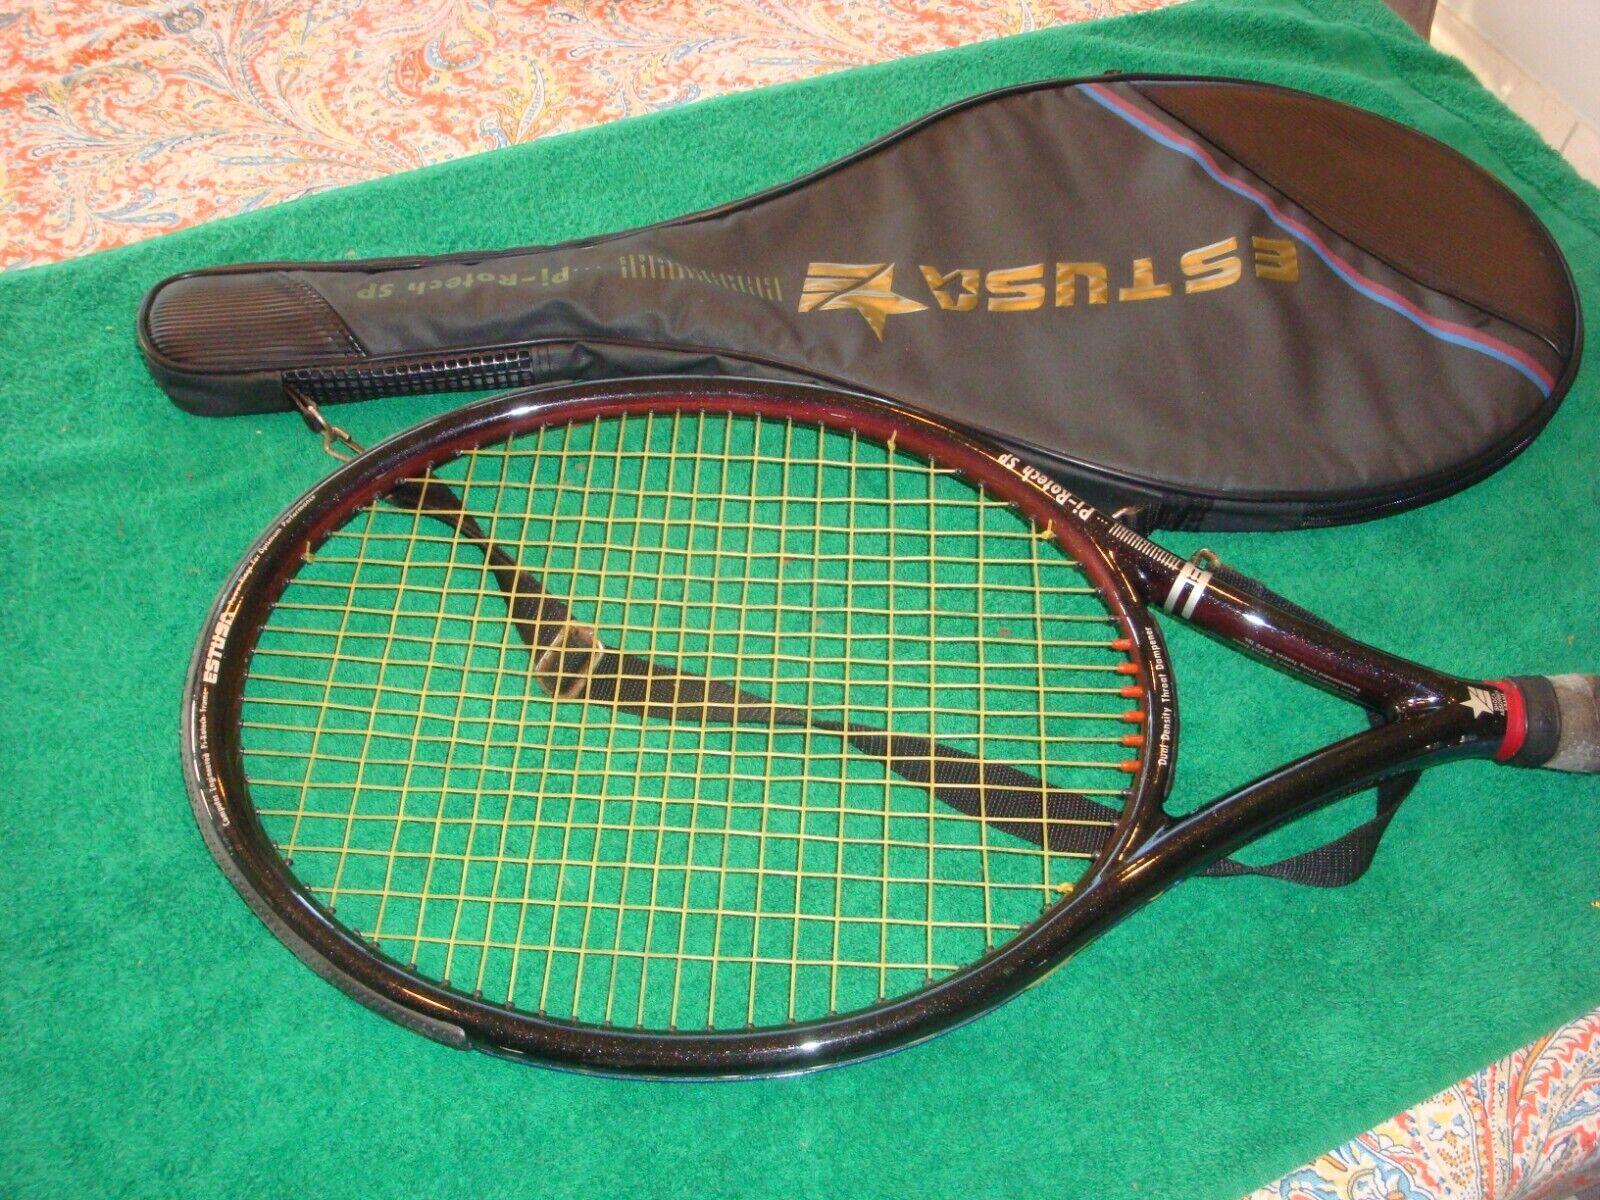 Estusa  Pi-rojoech SP OverTalla tenis raqueta 4 5 8   excelente   barato